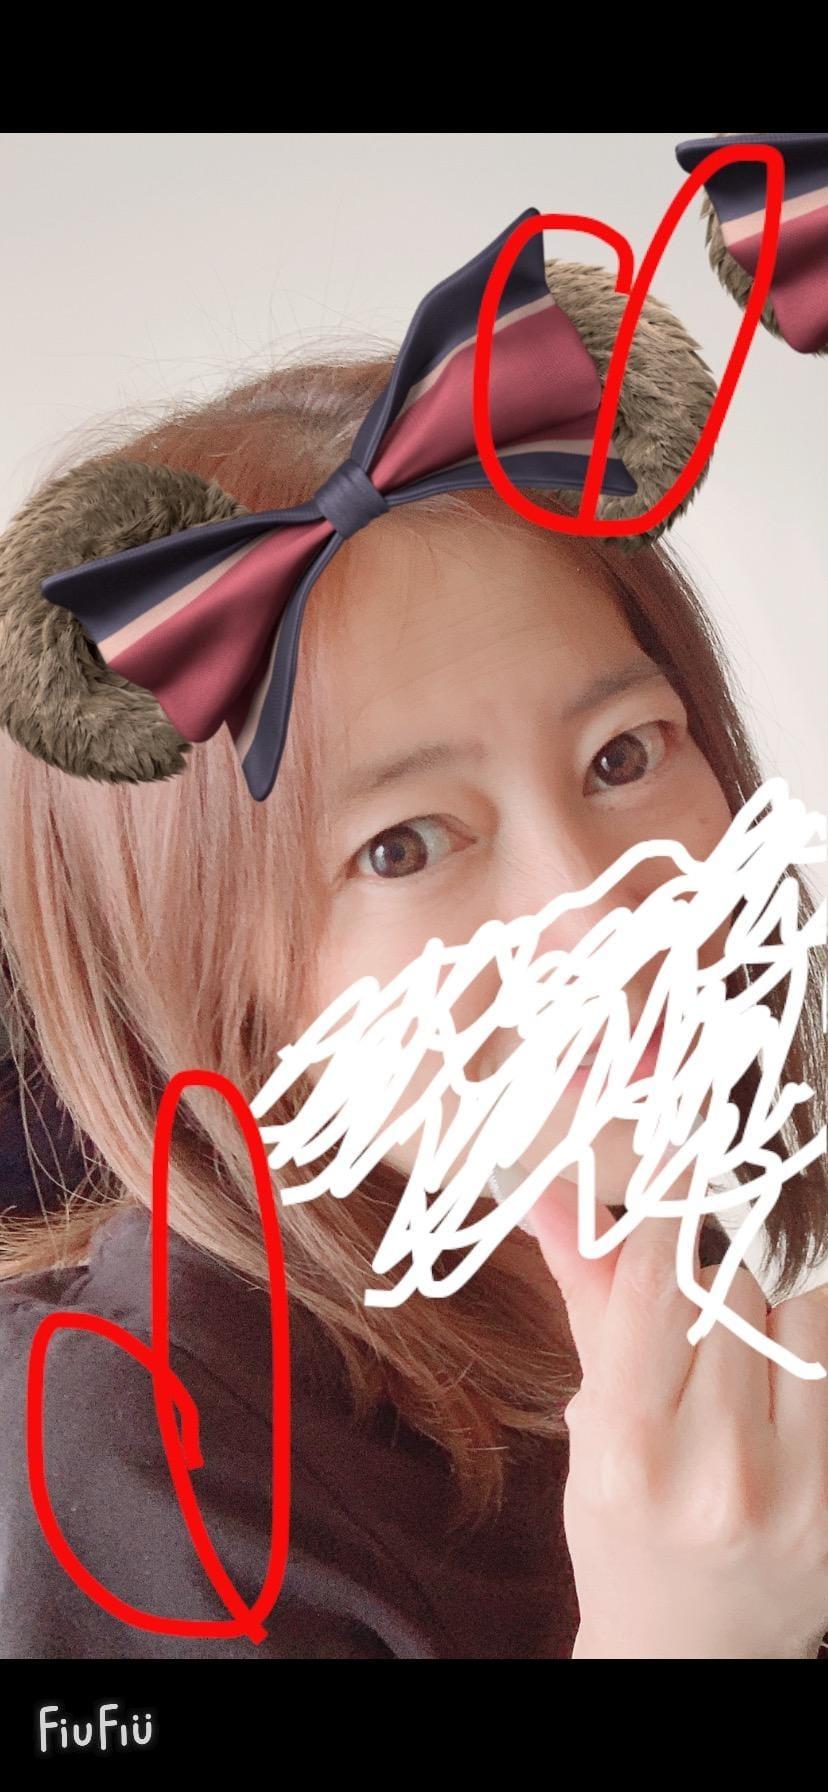 「おはようございます」09/17(09/17) 09:48 | 安田の写メ・風俗動画